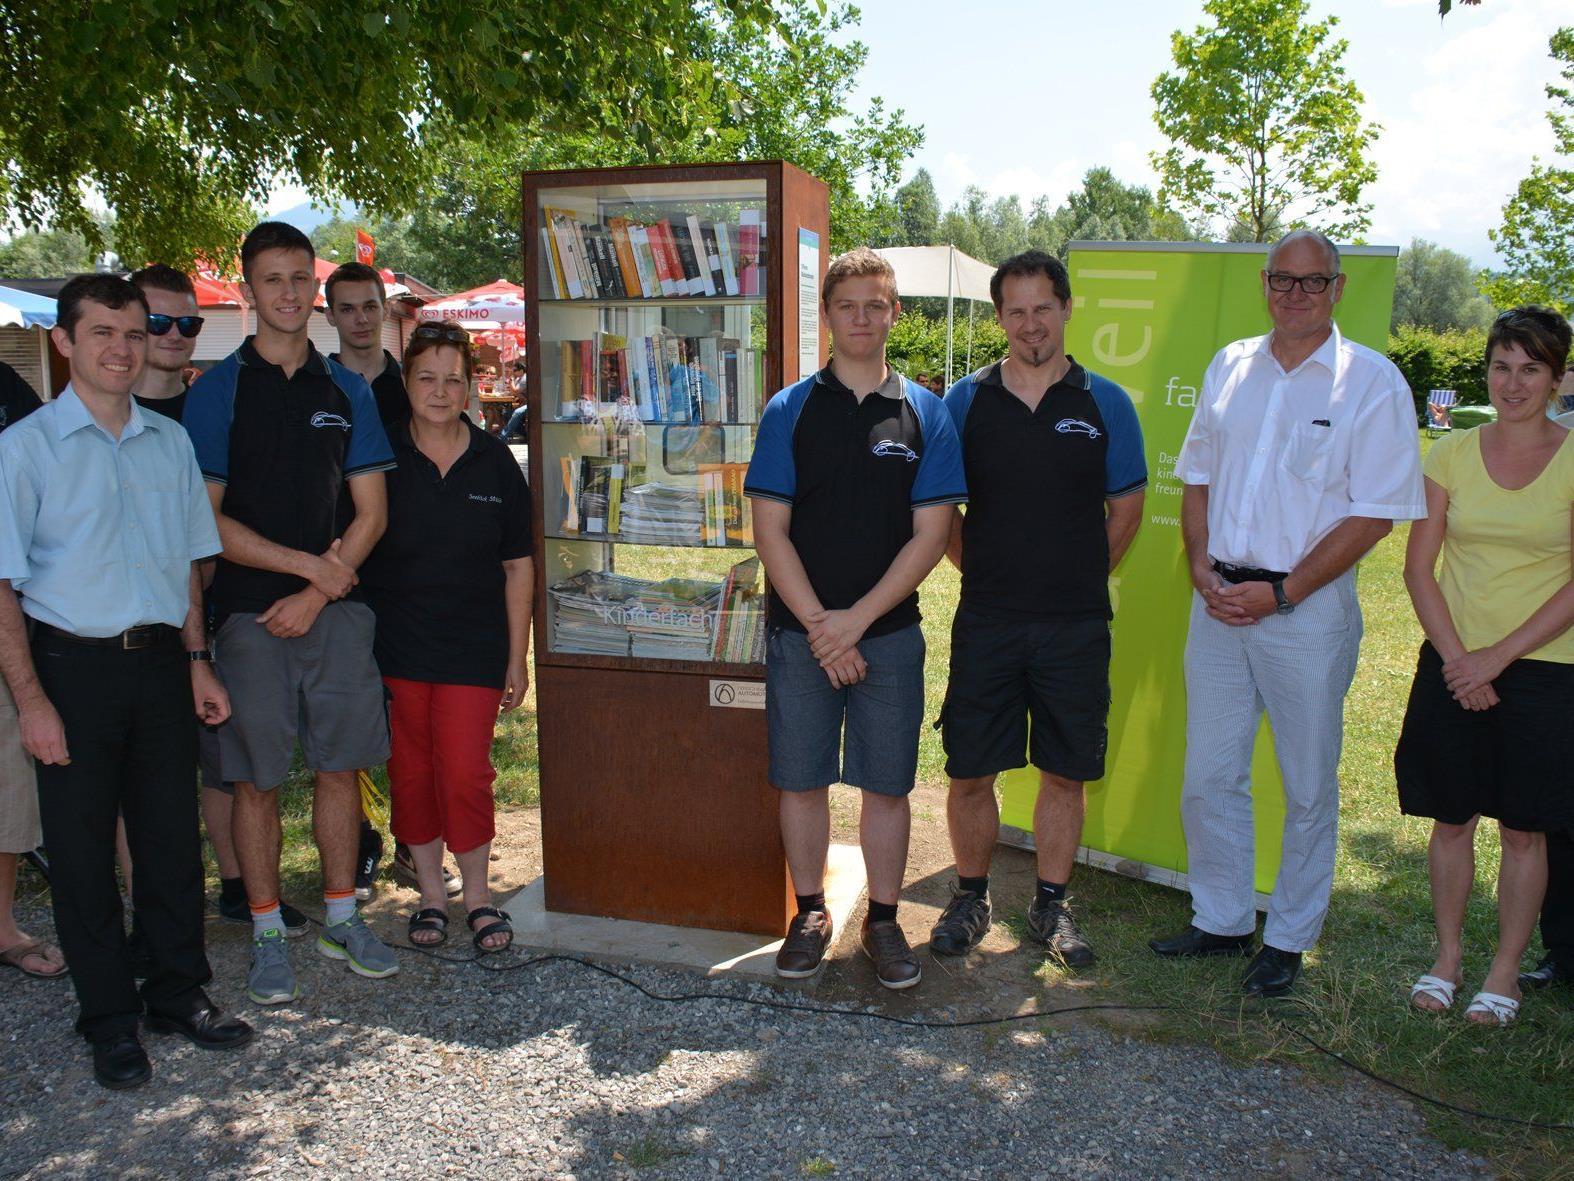 Bürgermeister Summer mit  familieplus-Verantwortlichen, Cilli Linher und dem Team von Hirschmann.